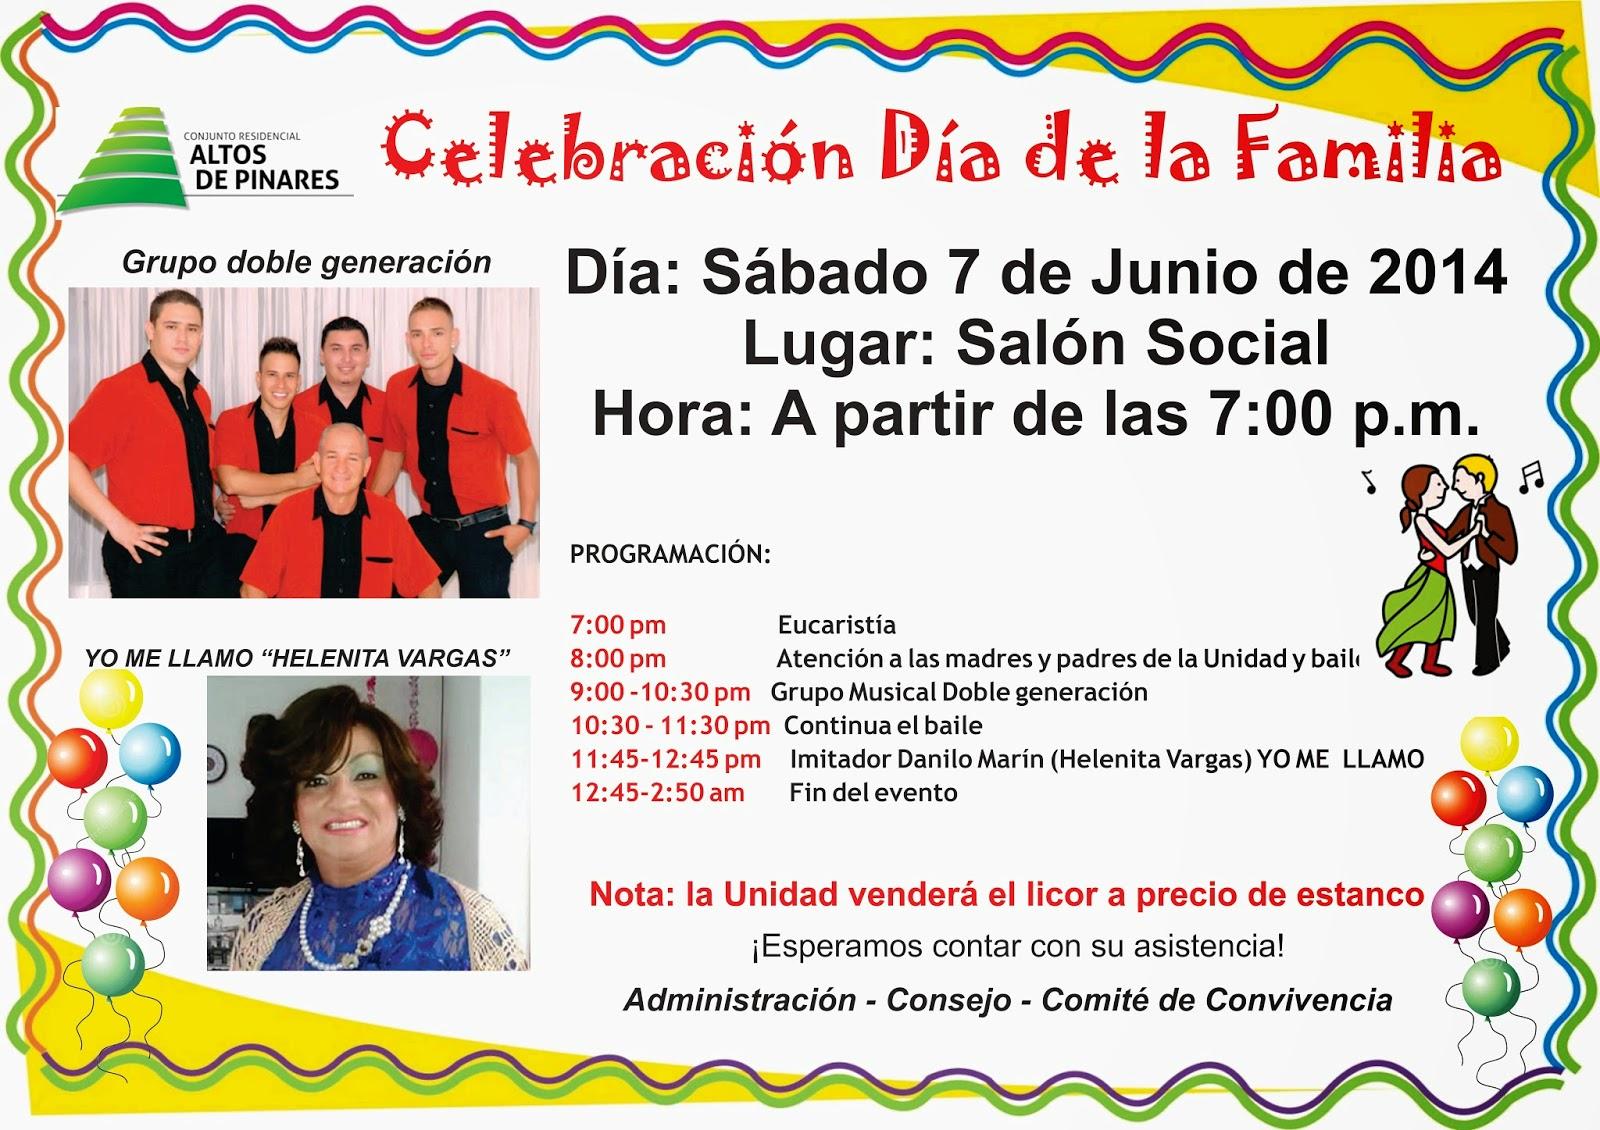 Noticias altos de pinares hoy s bado celebraci n d a de for Mural una familia chicana